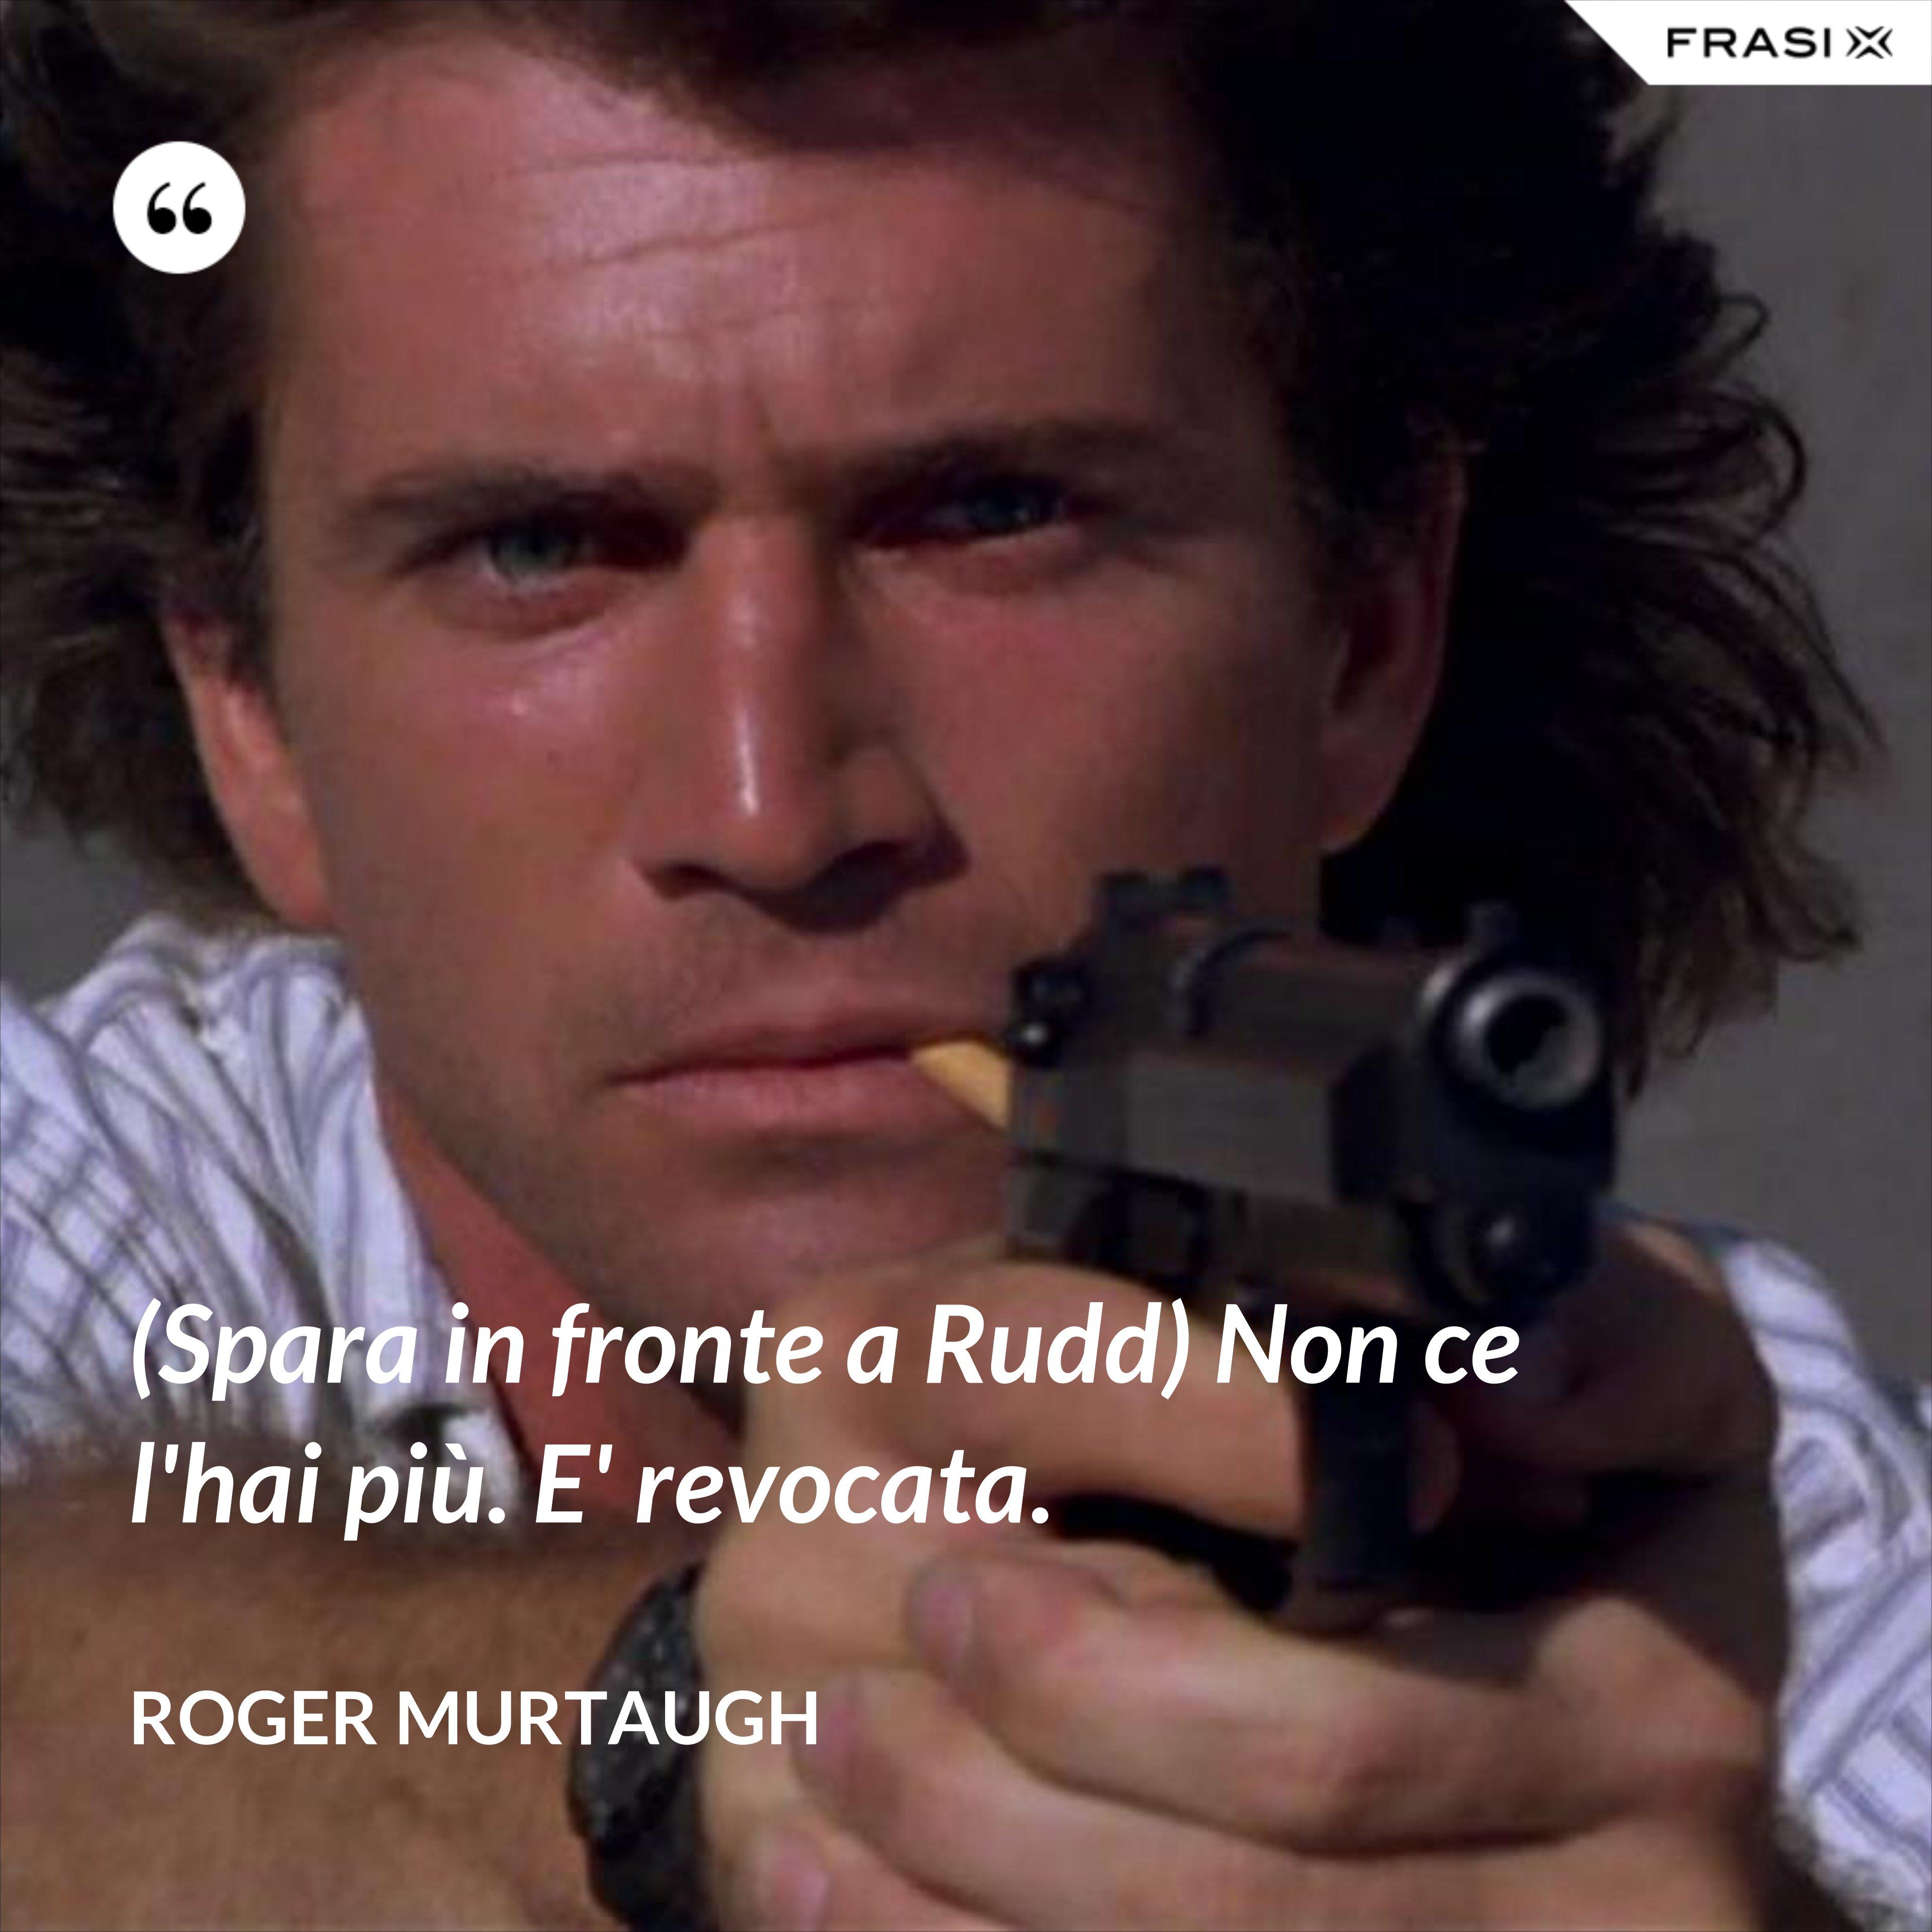 (Spara in fronte a Rudd) Non ce l'hai più. E' revocata. - Roger Murtaugh